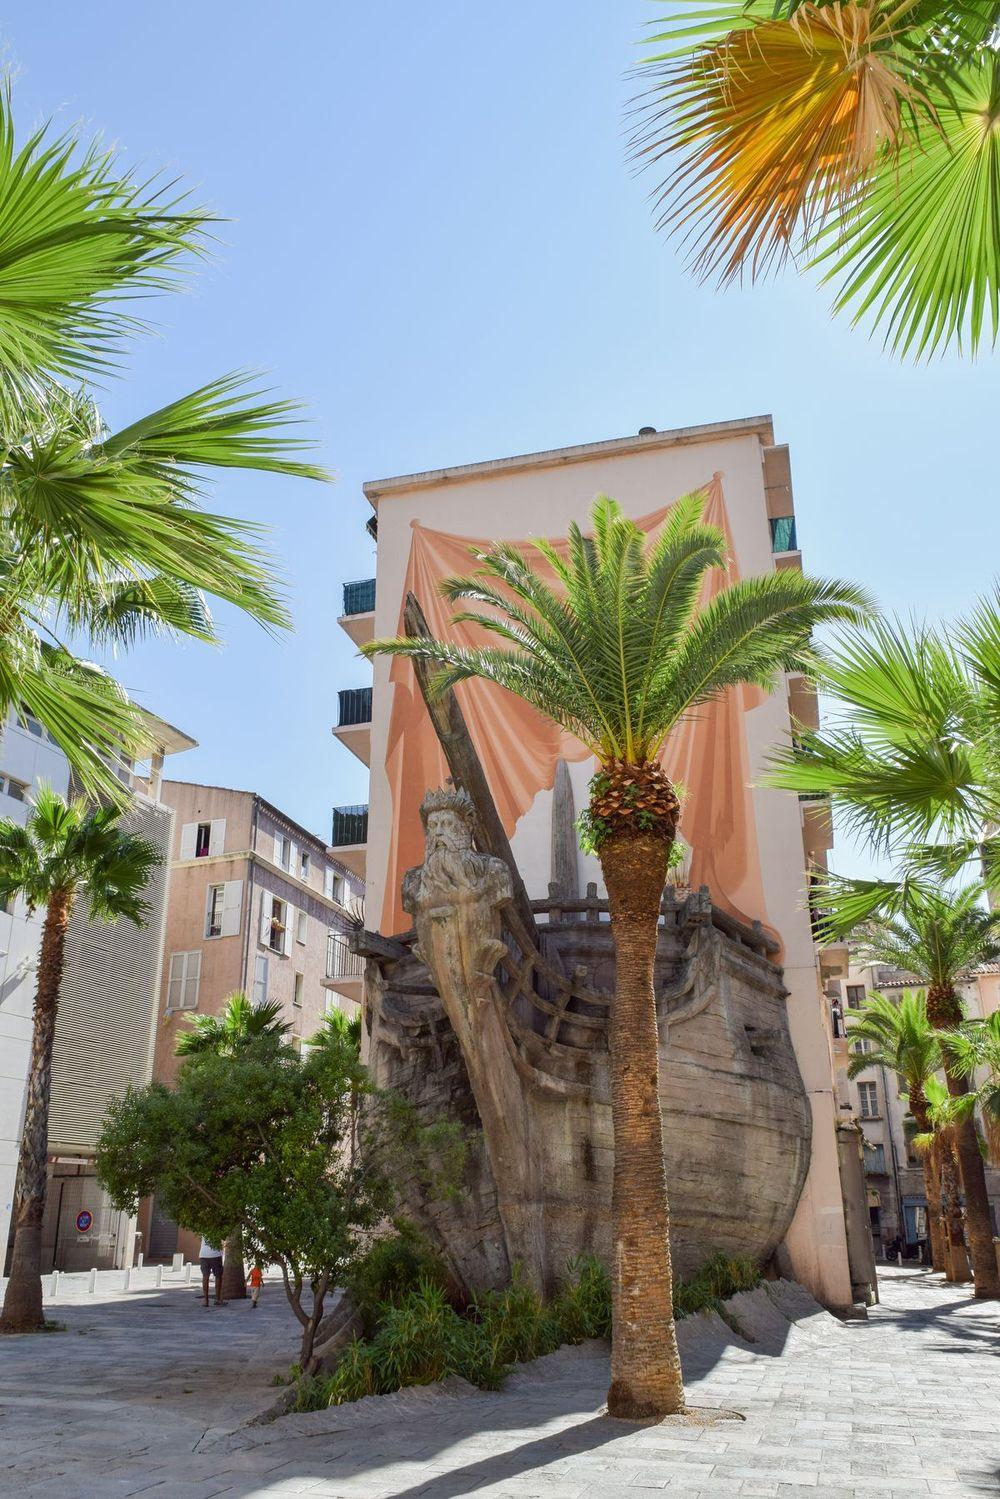 Public Art: Sculpture De Bateau, Toulon, France